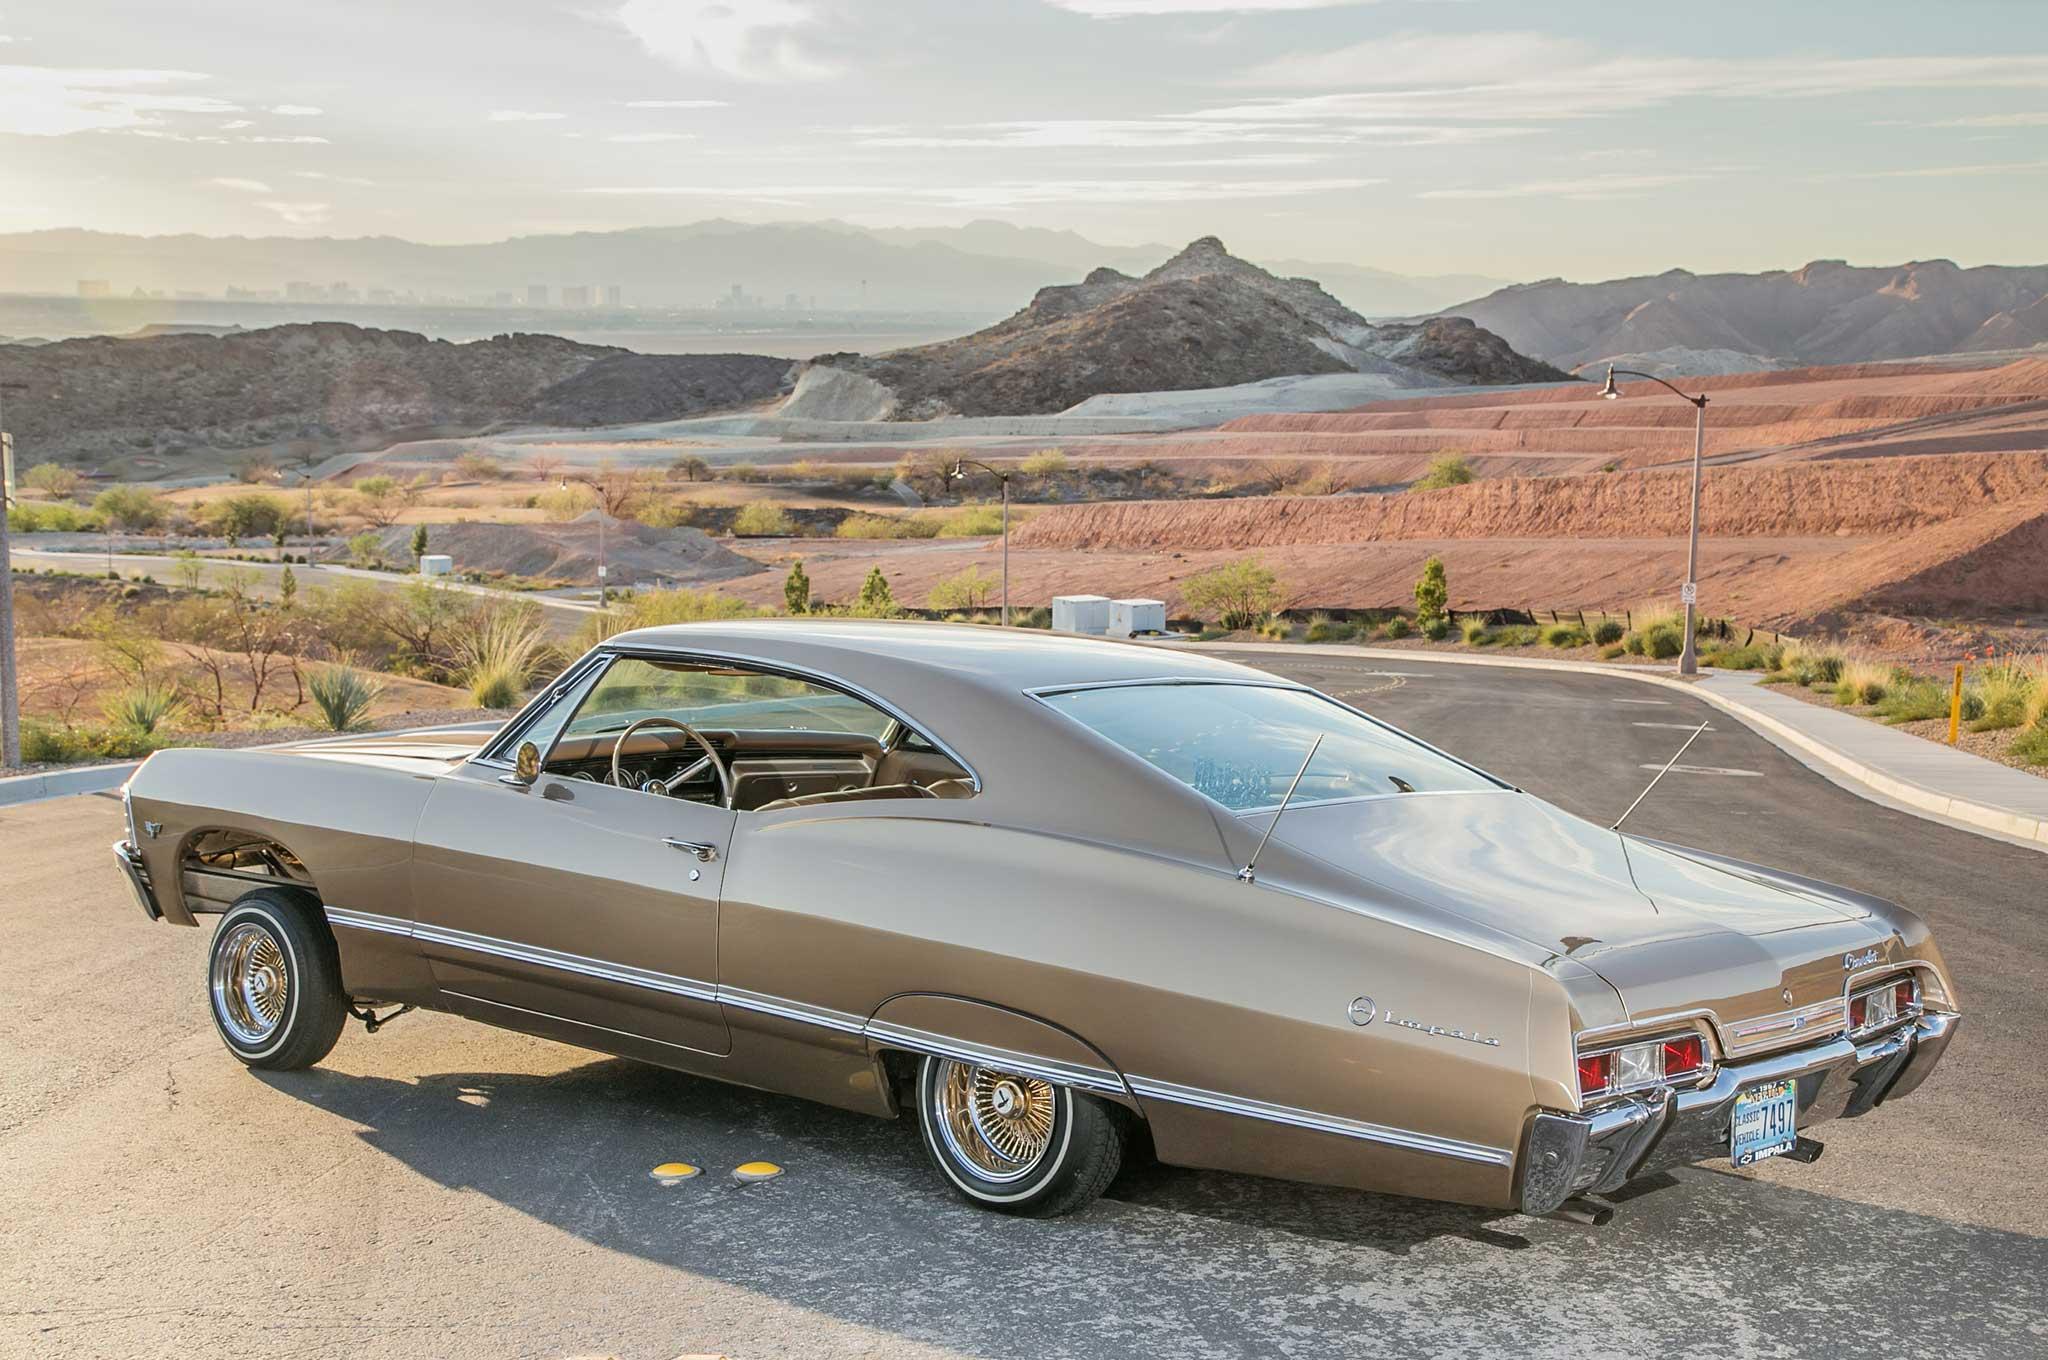 1957 Chevy Chevrolet Impala Lowrider